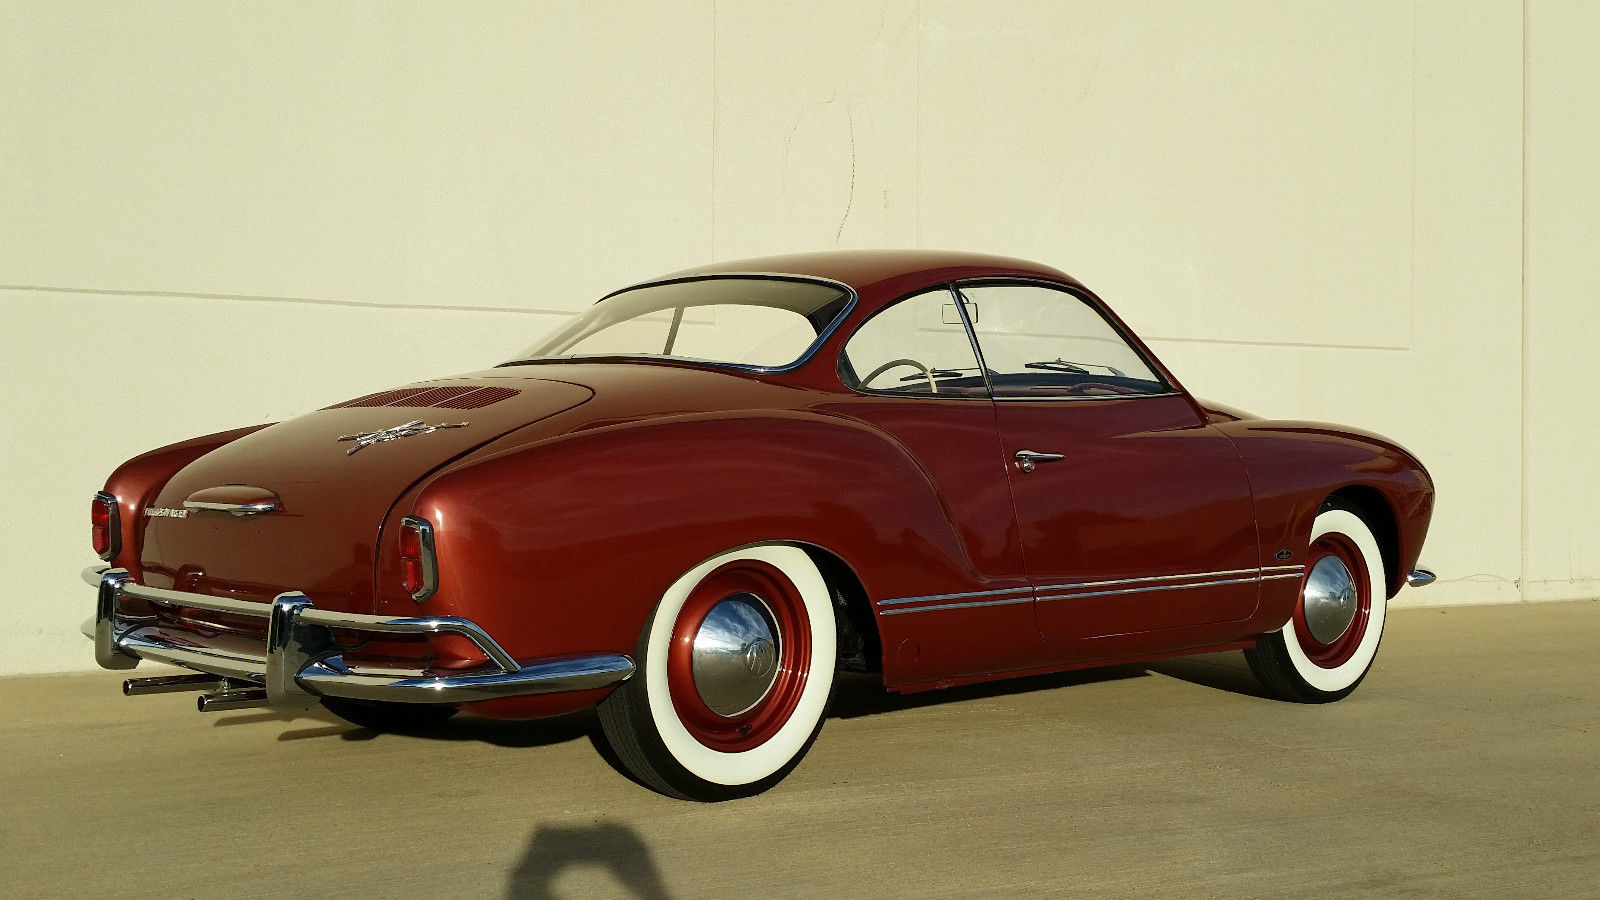 1959 Vw Karmann Ghia Low Light Coupe Vw Birth Cert